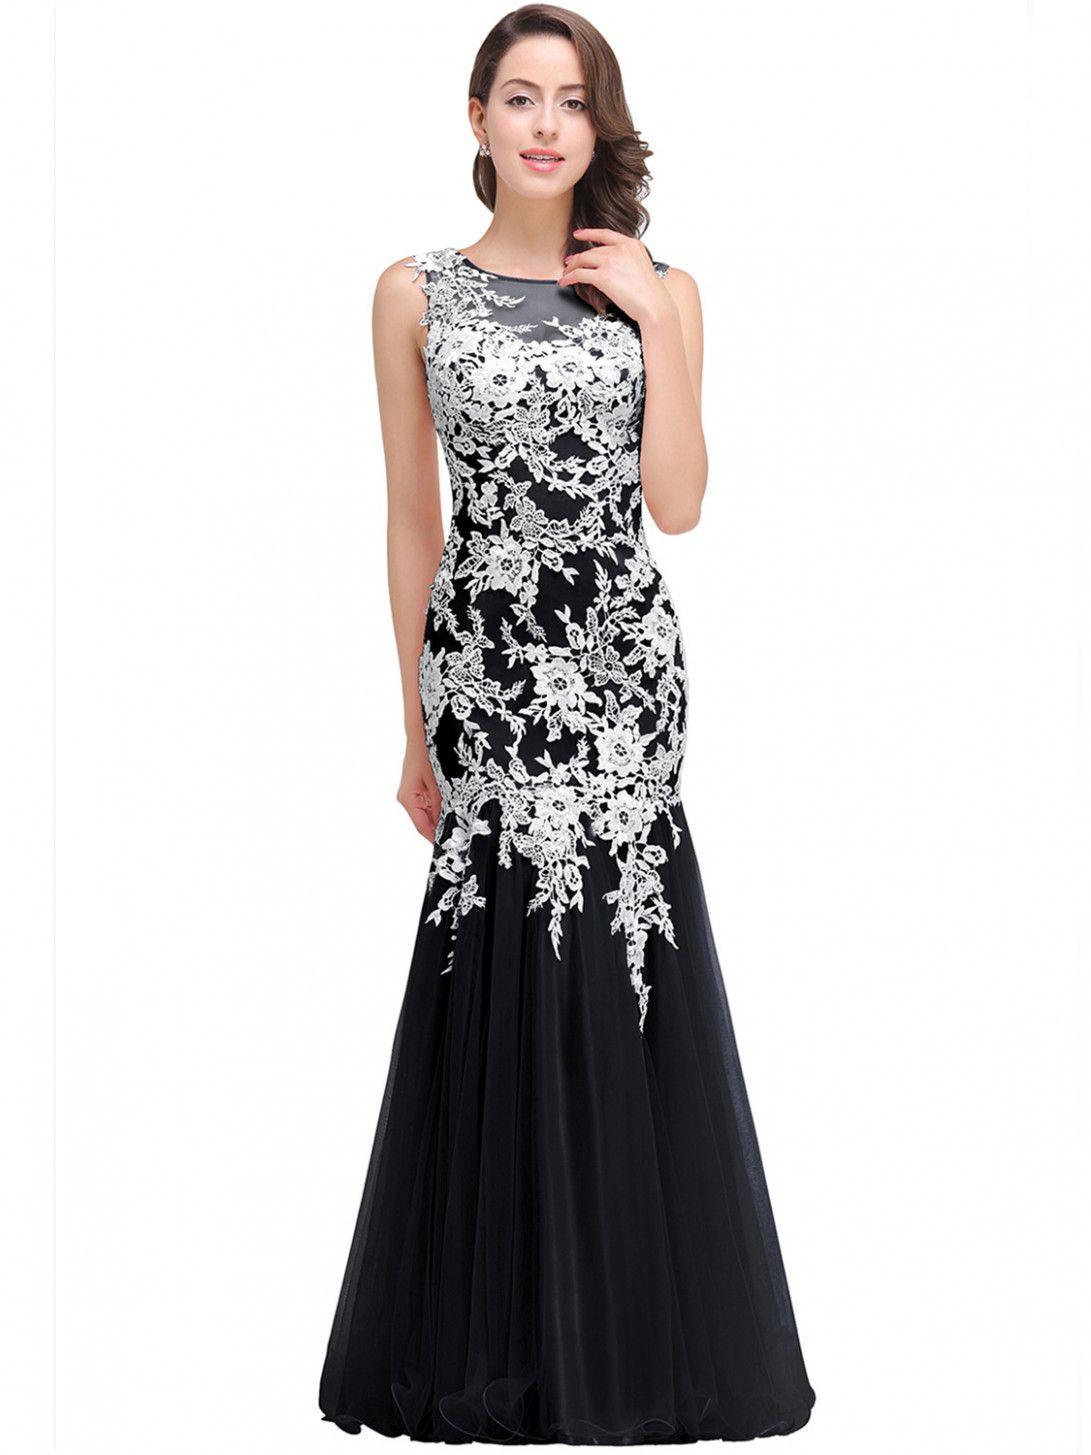 20 Kleider Lang Schwarz Weiß Bild  Designerkleidern